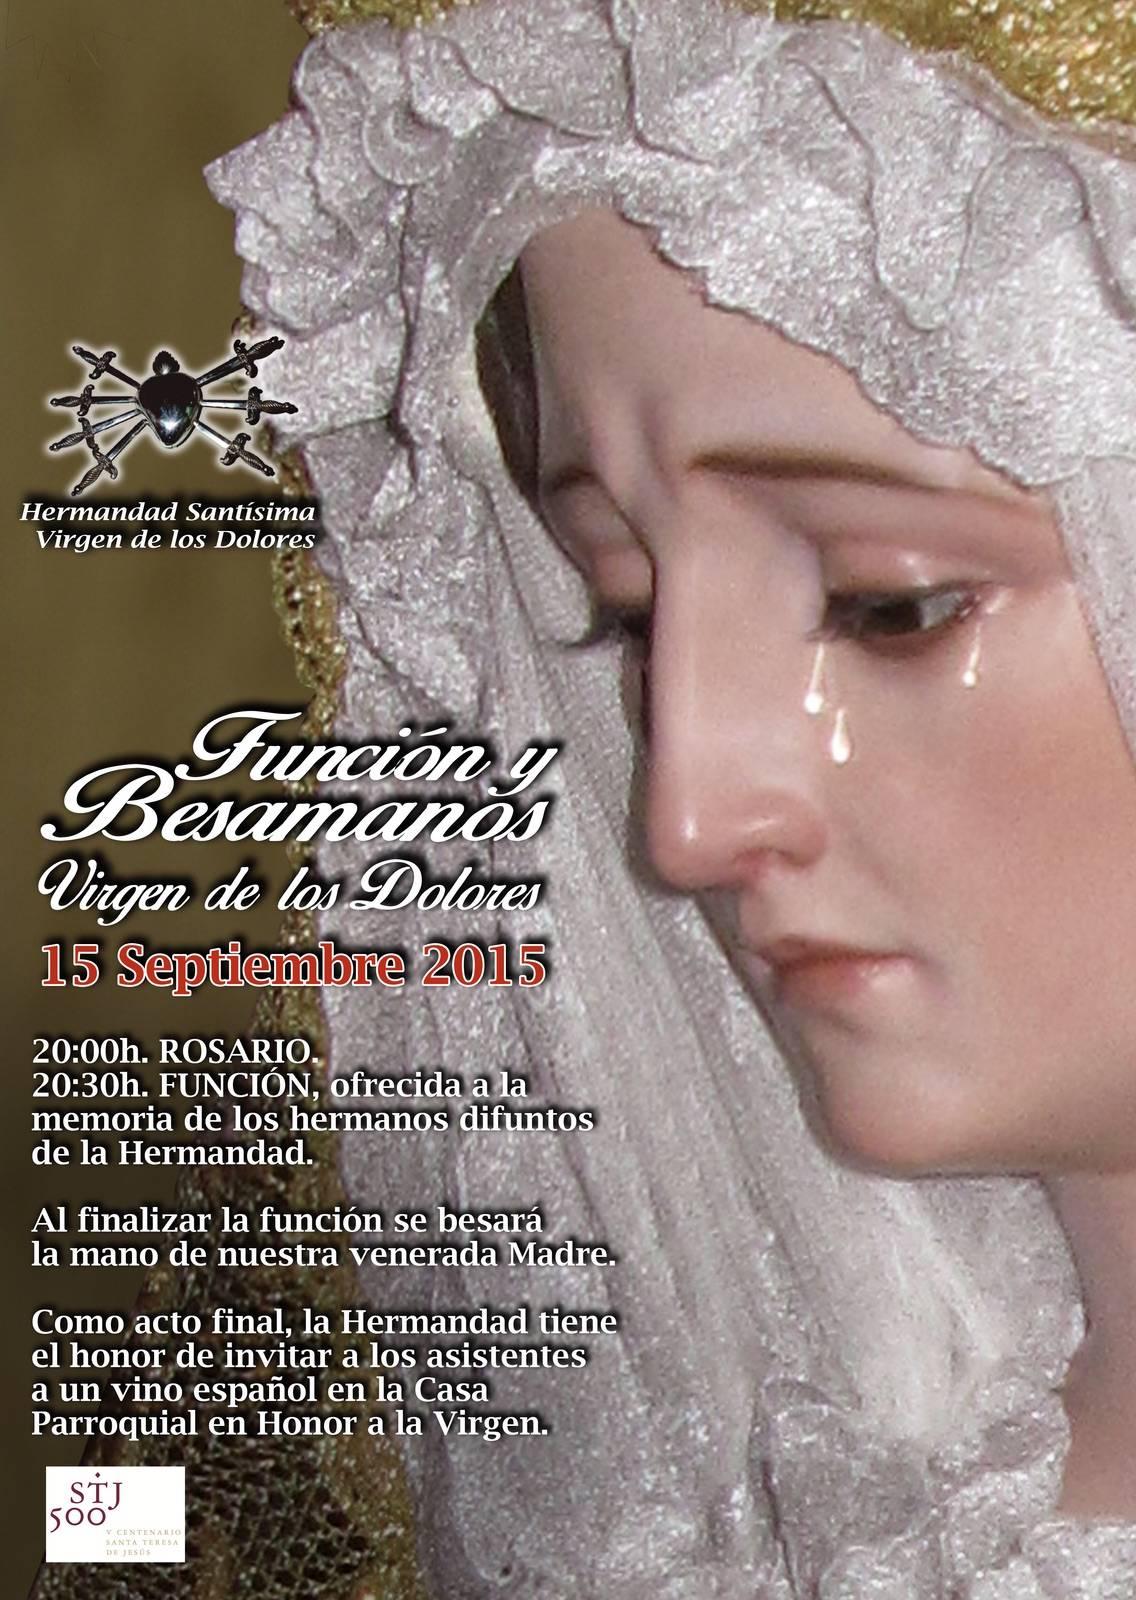 Funcion y besamanos de la Virgen de los Dolores - Función y besamos de la Virgen de los Dolores